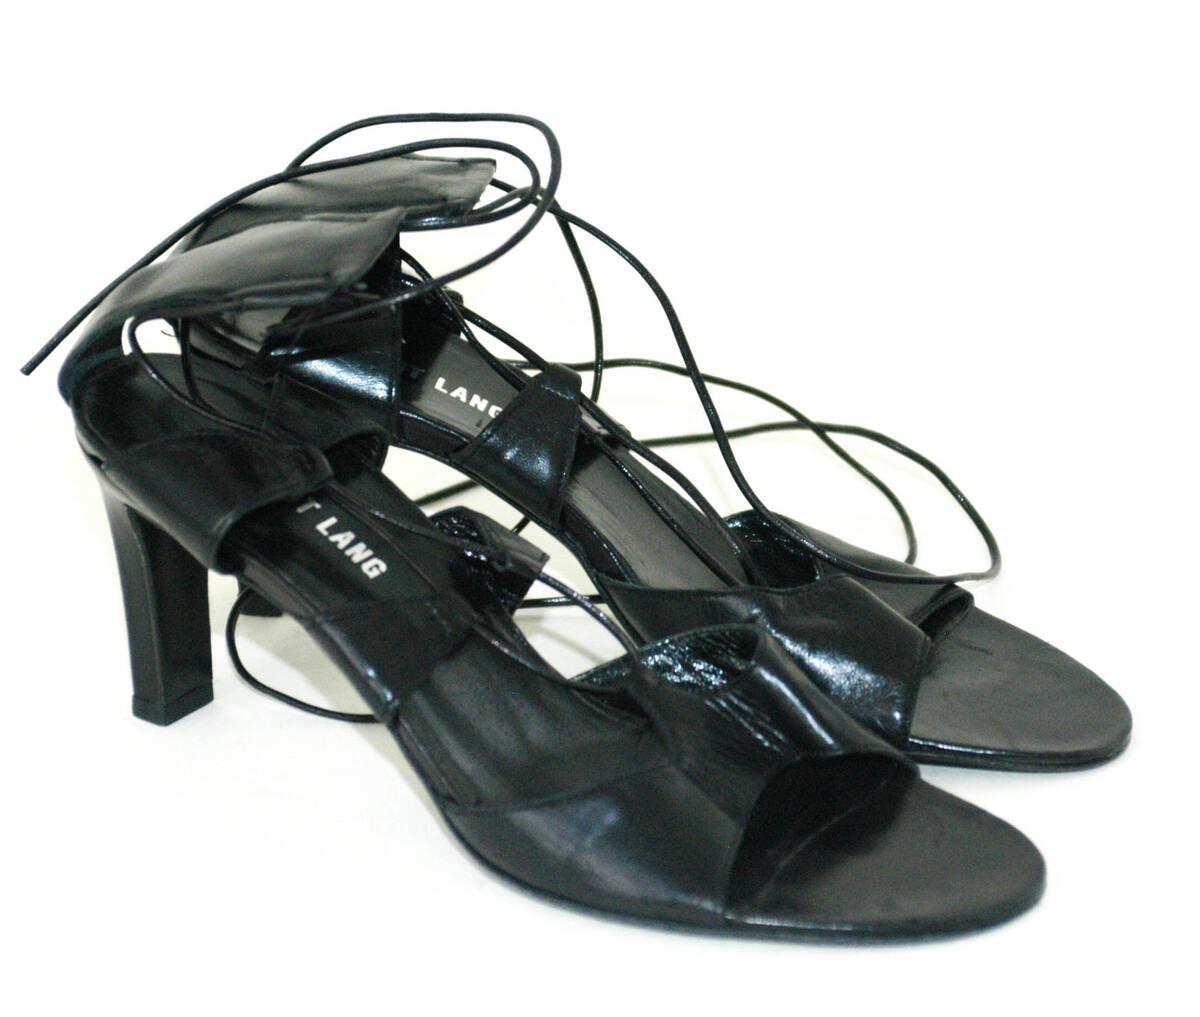 Sandalette (Paar)- schwarz von Lang, Helmut